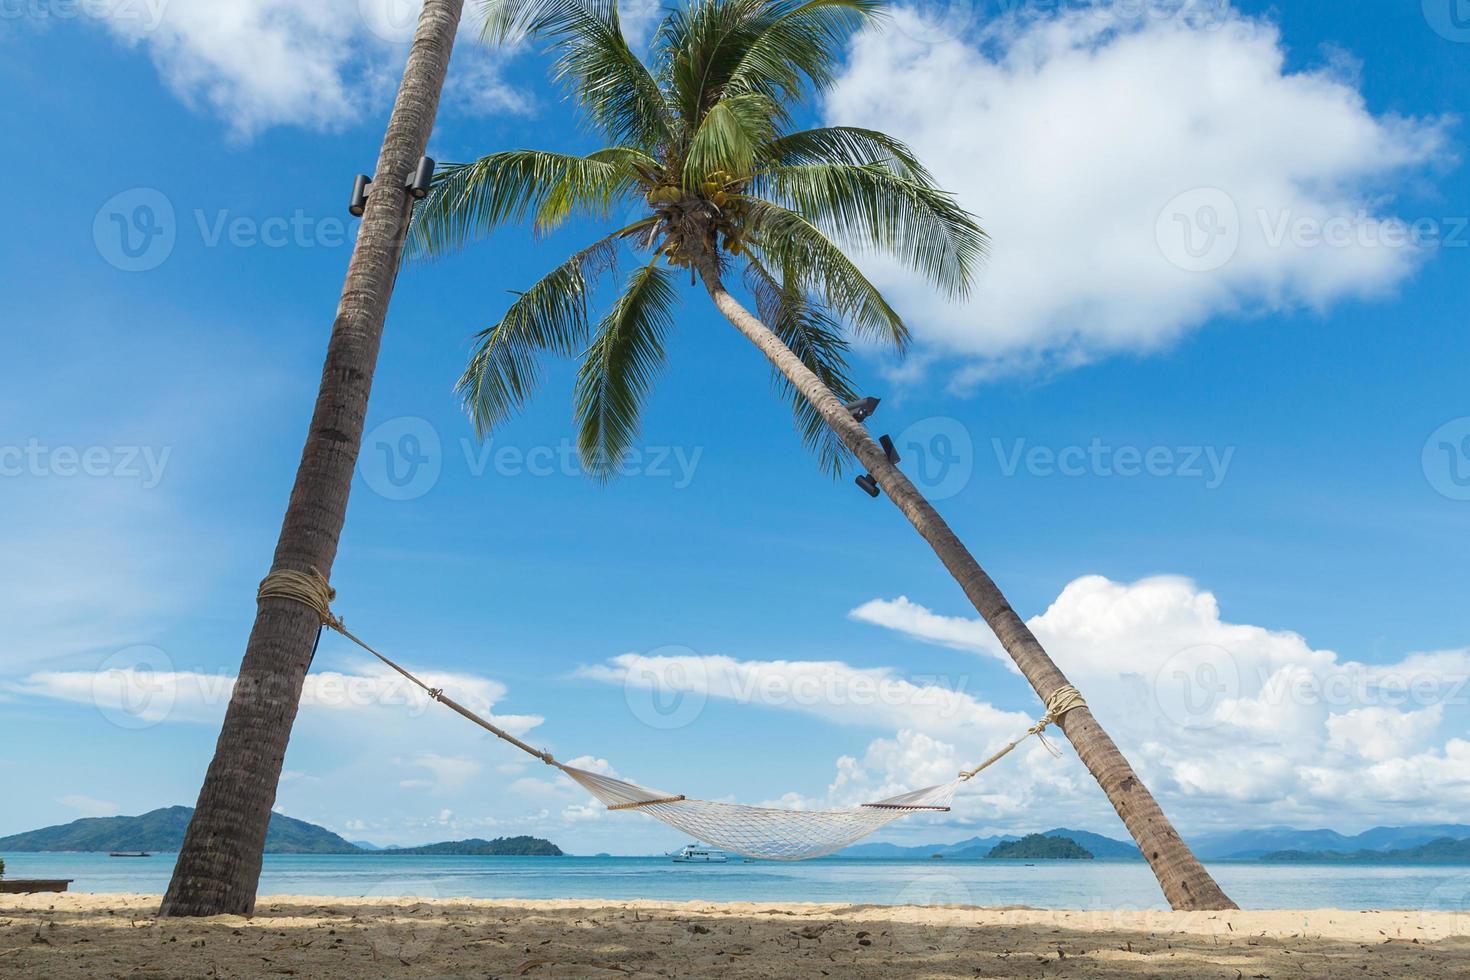 strandbår foto